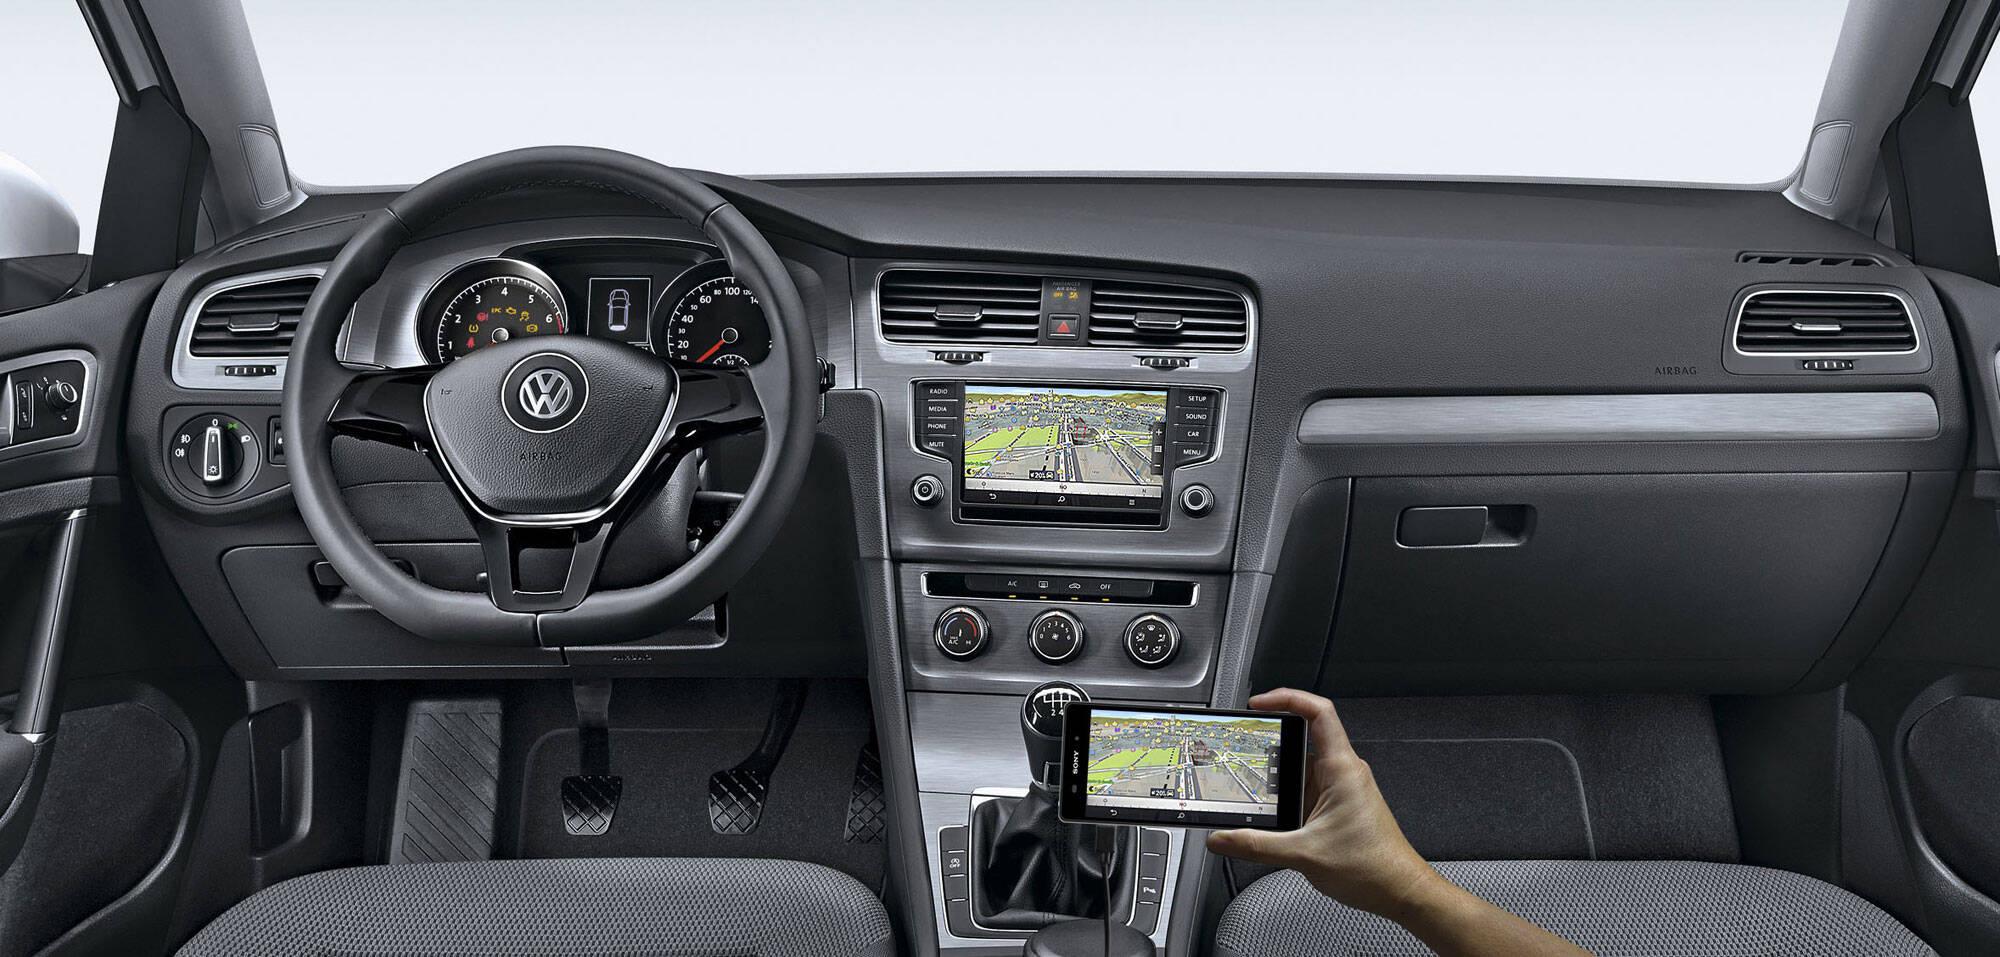 Esqueça o motor 1.6, o Volkswagen Golf 1.0 TSI é a verdadeira versão de entrada do hatch médio, por R$ 74.990.. Foto: Divulgação/Volkswagen